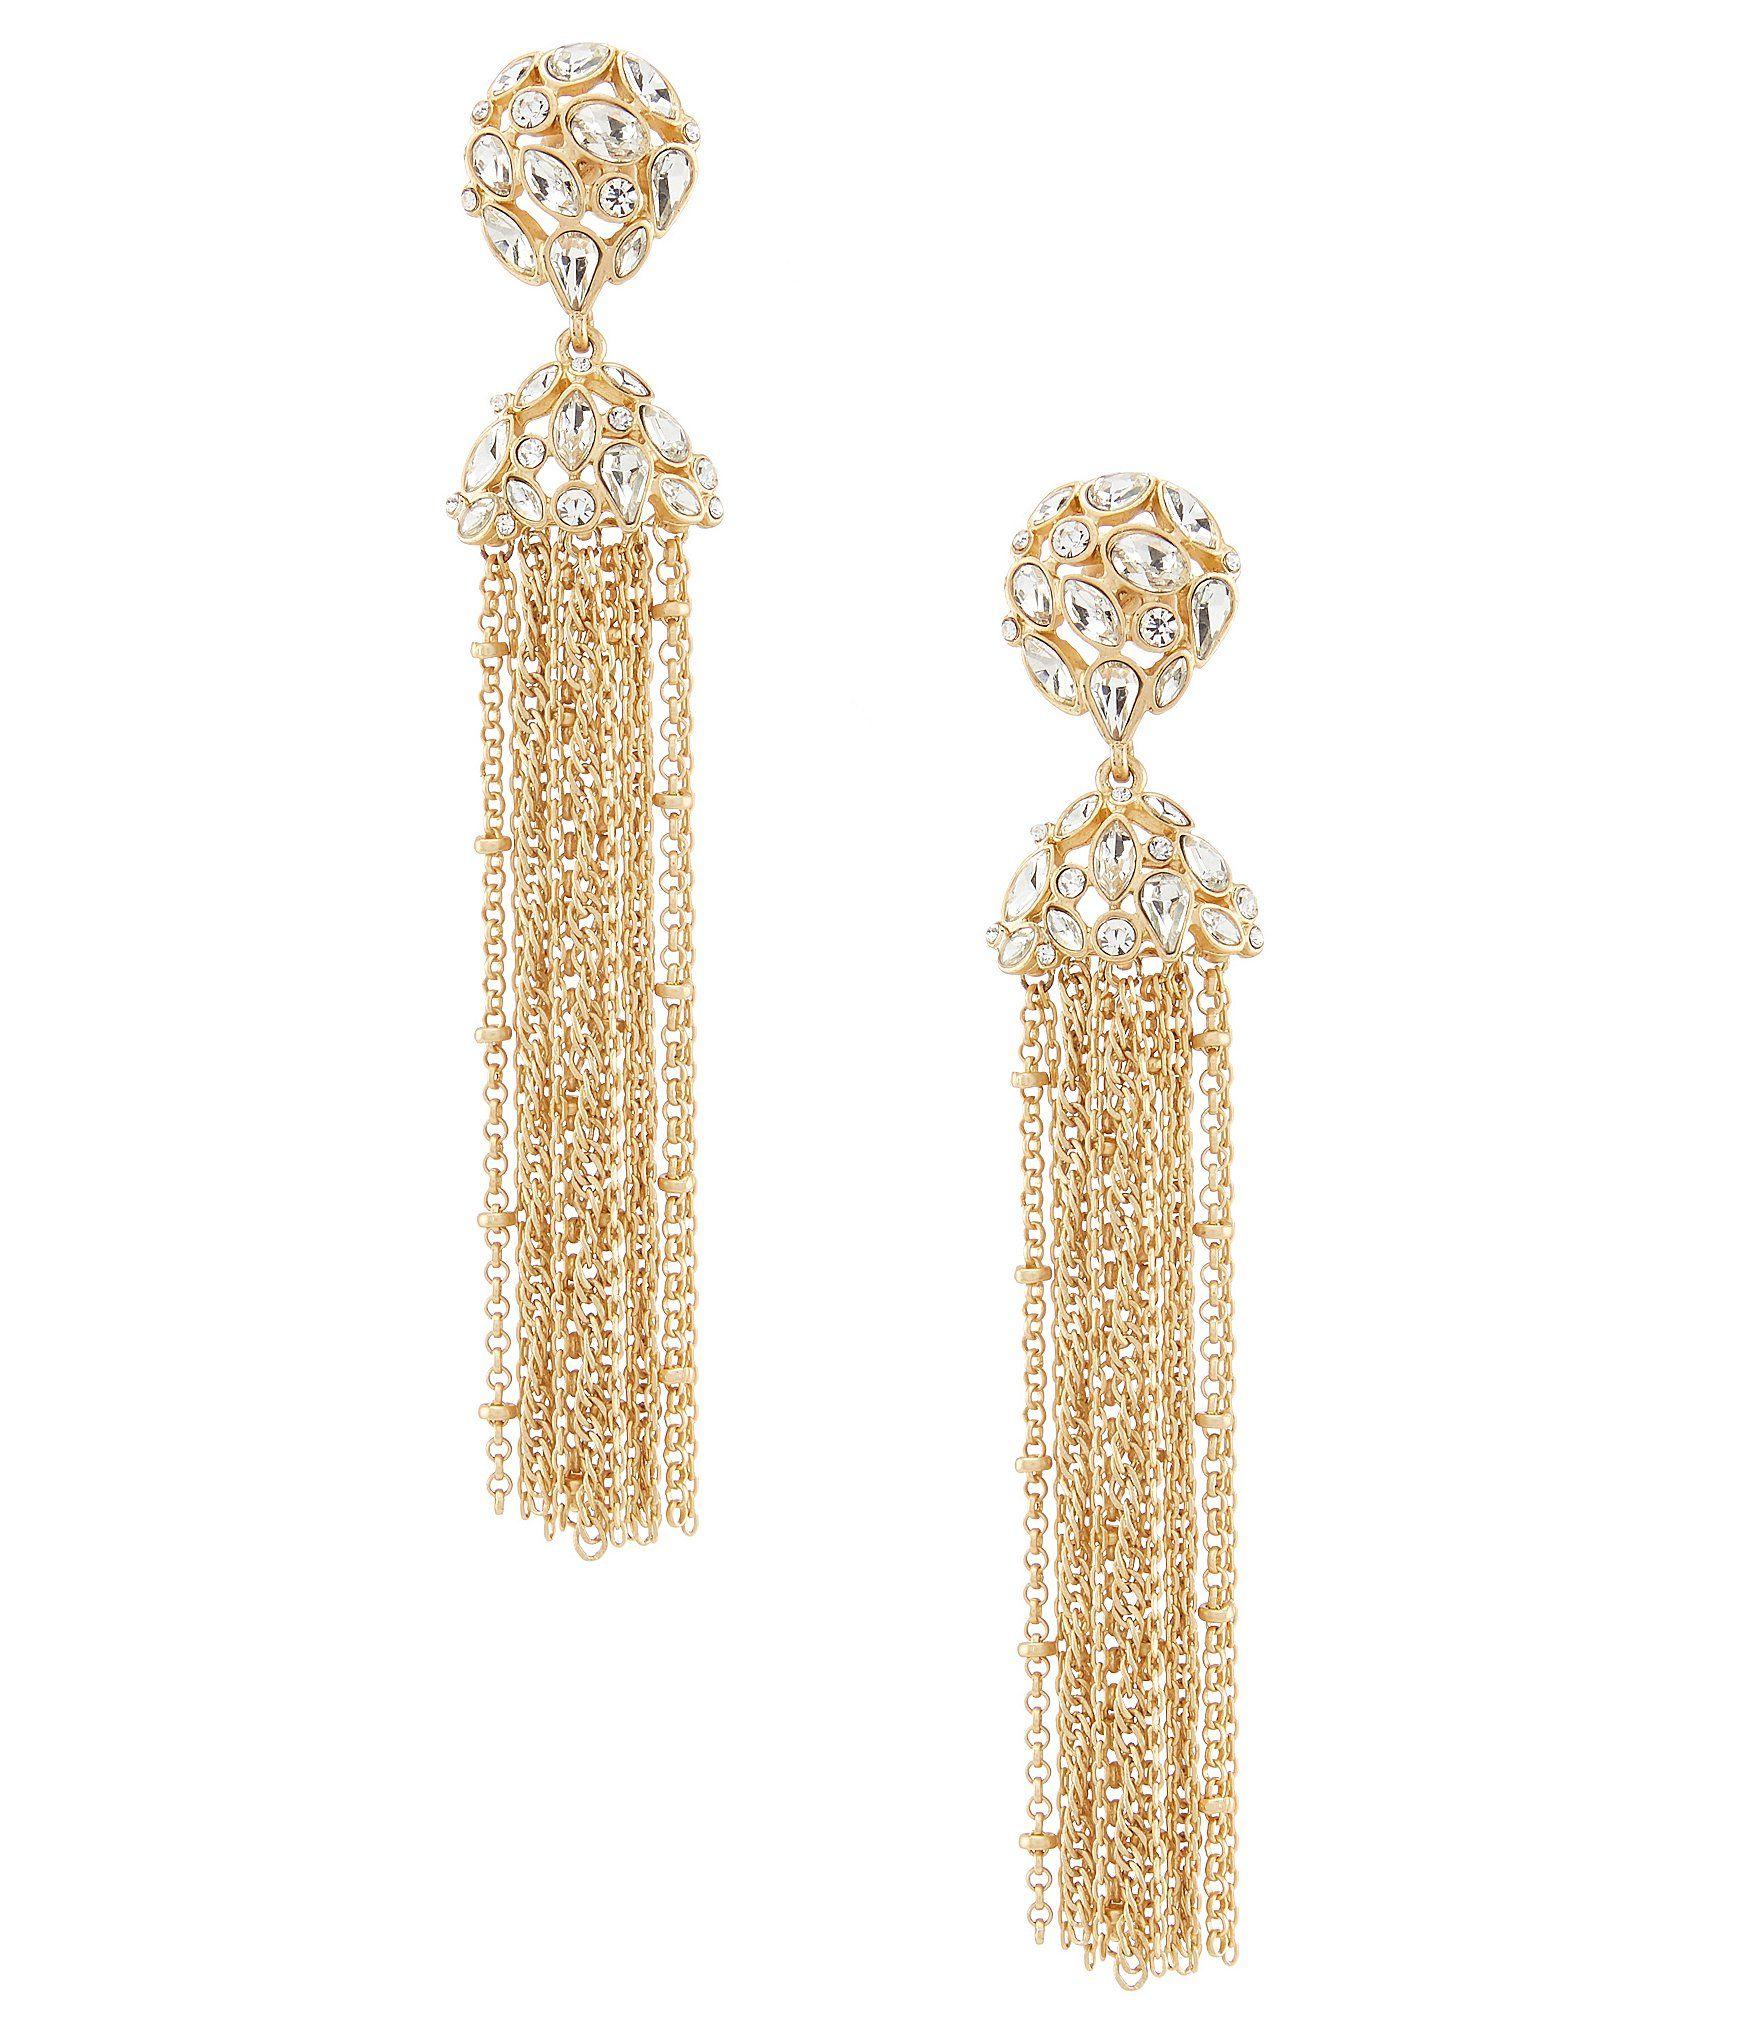 Belle Badgley Mischka Stone Multi Chain Tassel Drop Earrings | Dillard's